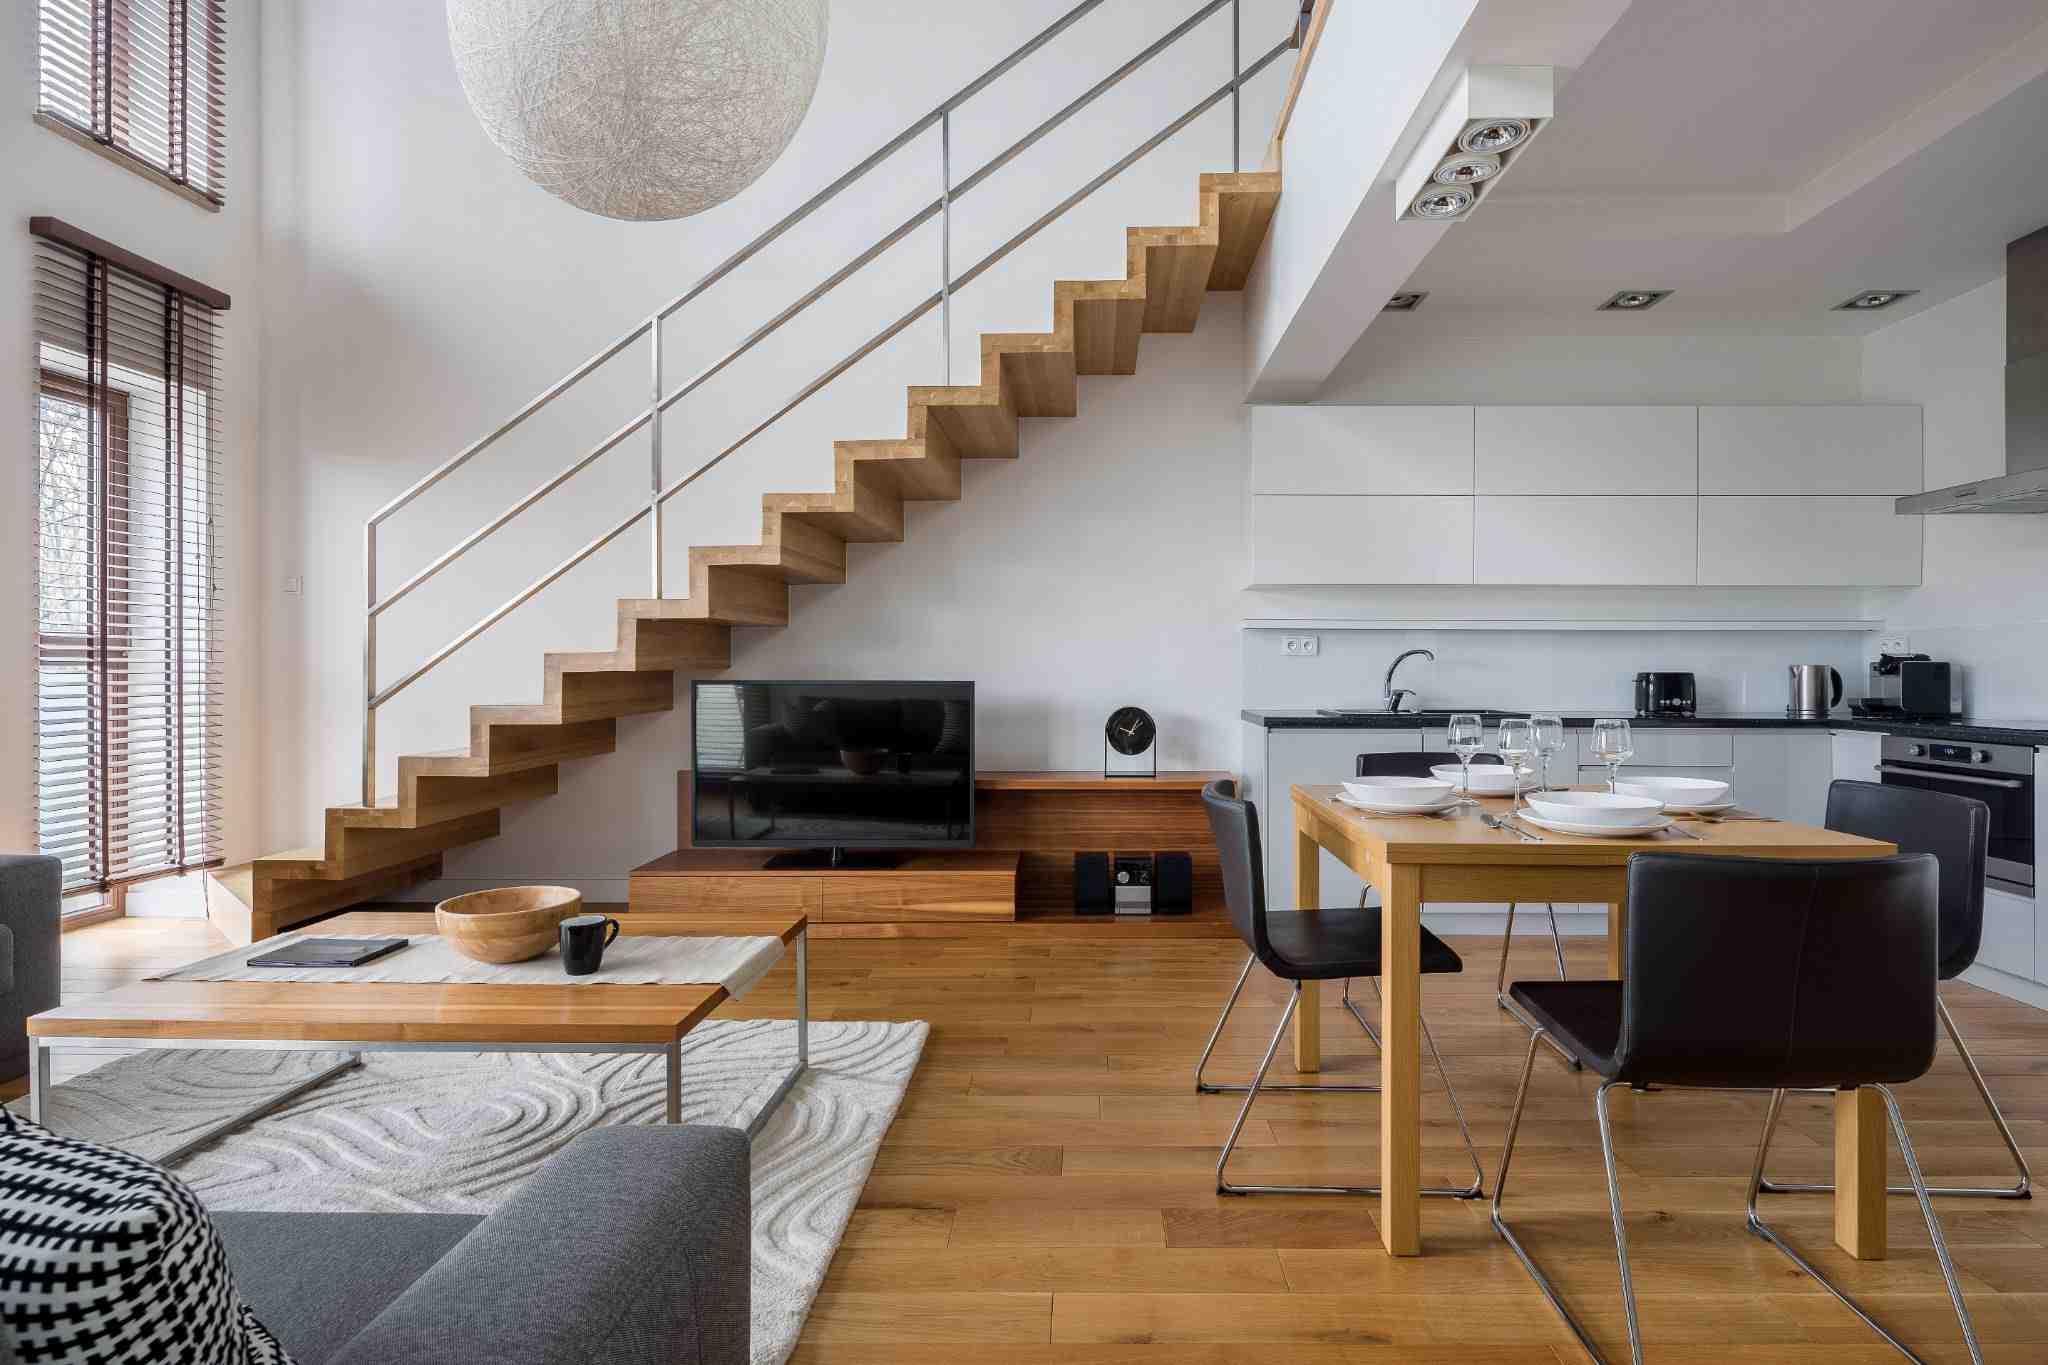 Quel est le budget pour rénover une maison?